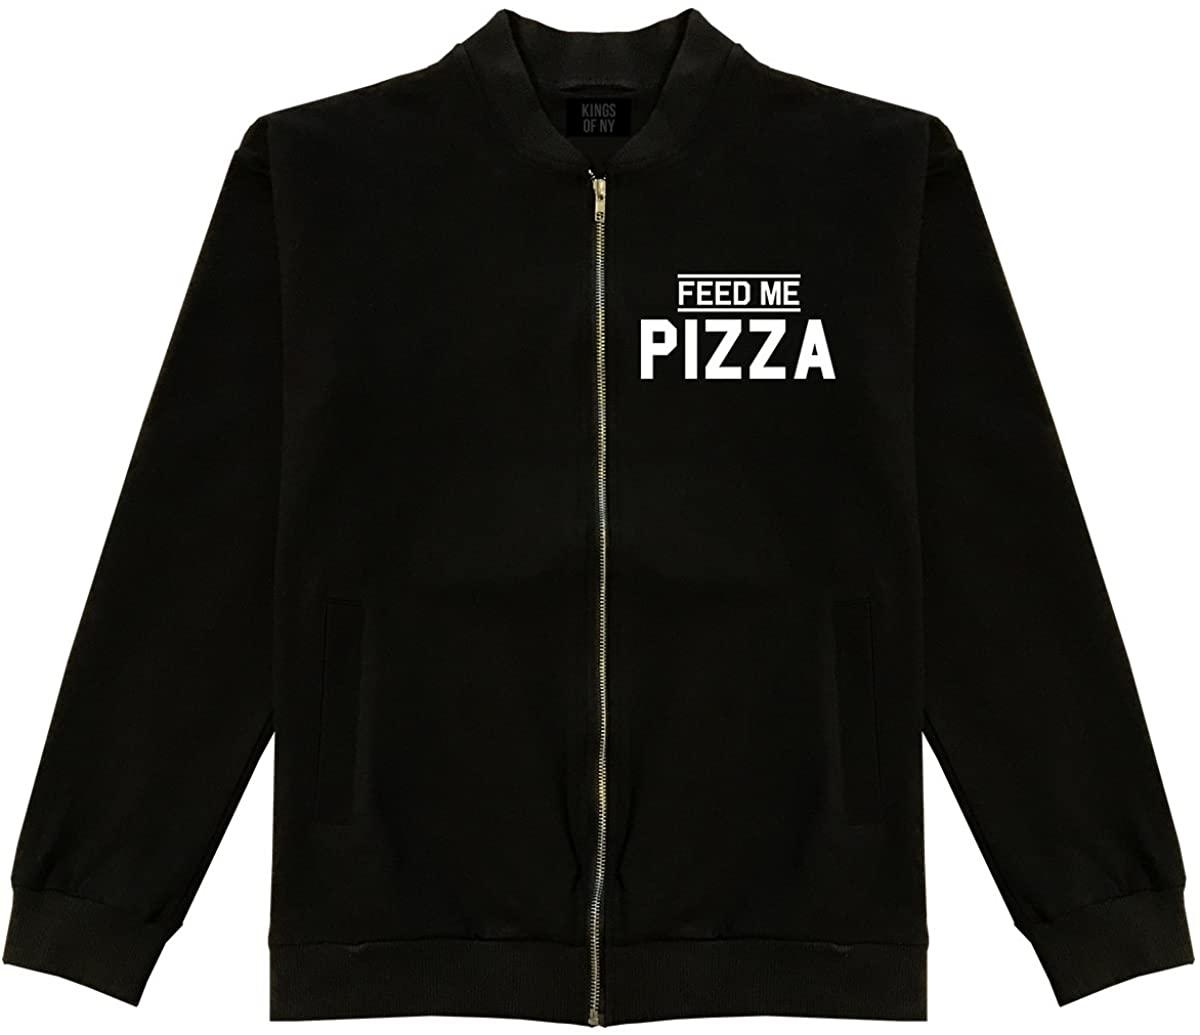 Kings Of NY Feed Me Pizza Mens Cotton Bomber Jacket